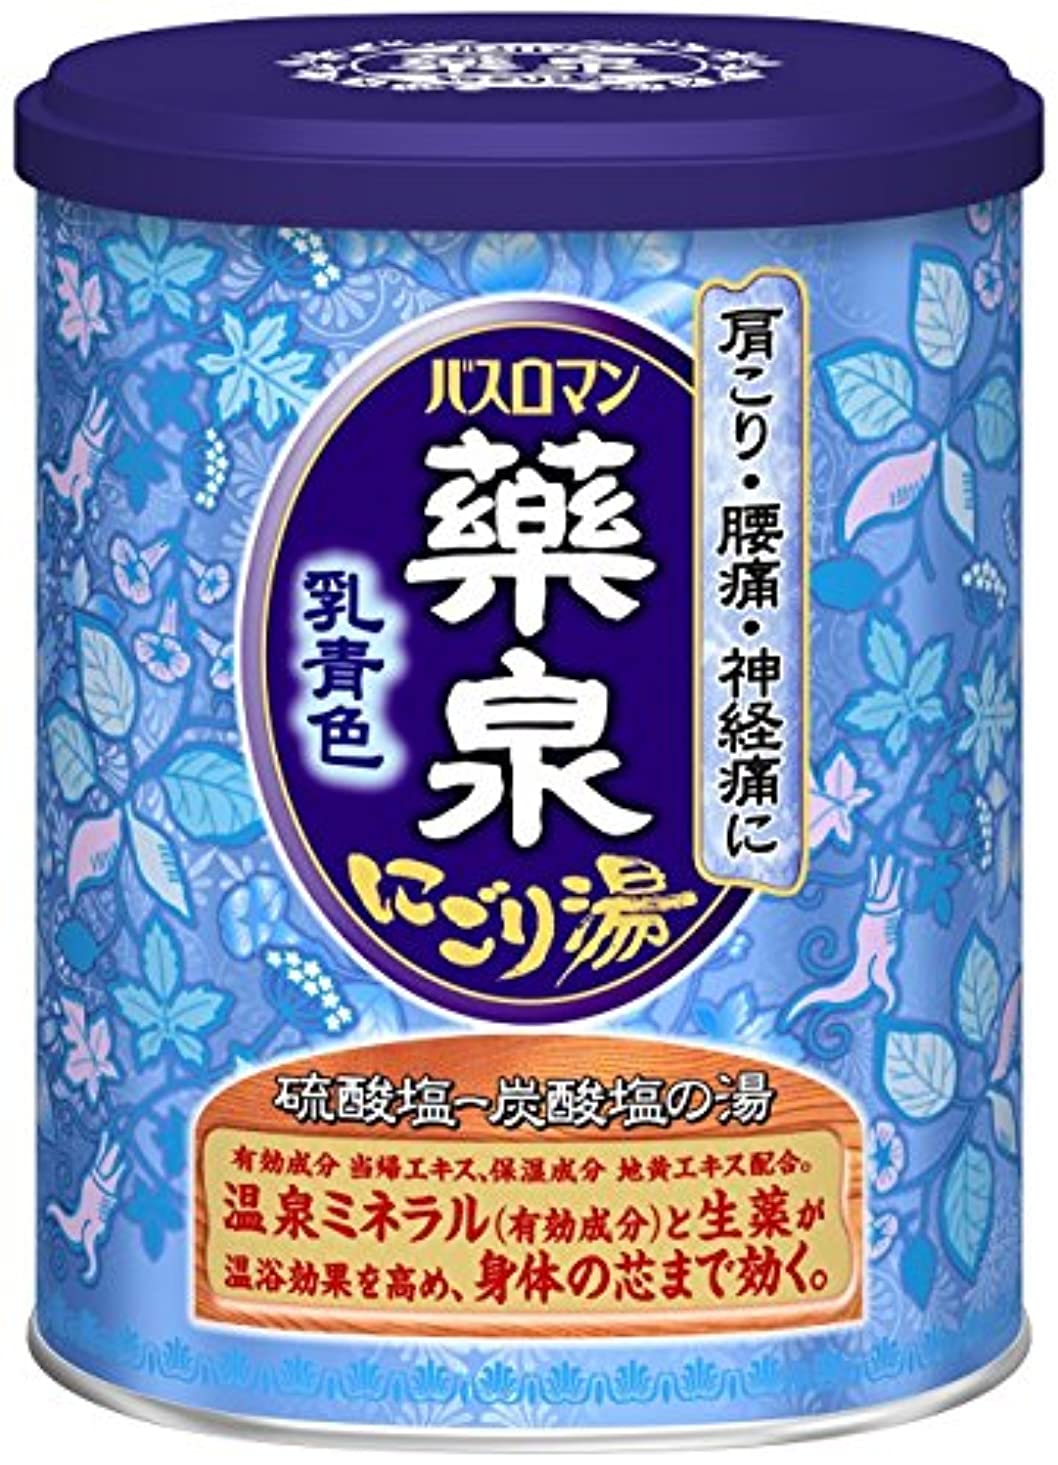 タイピスト競争レビュー薬泉バスロマン乳青色650g